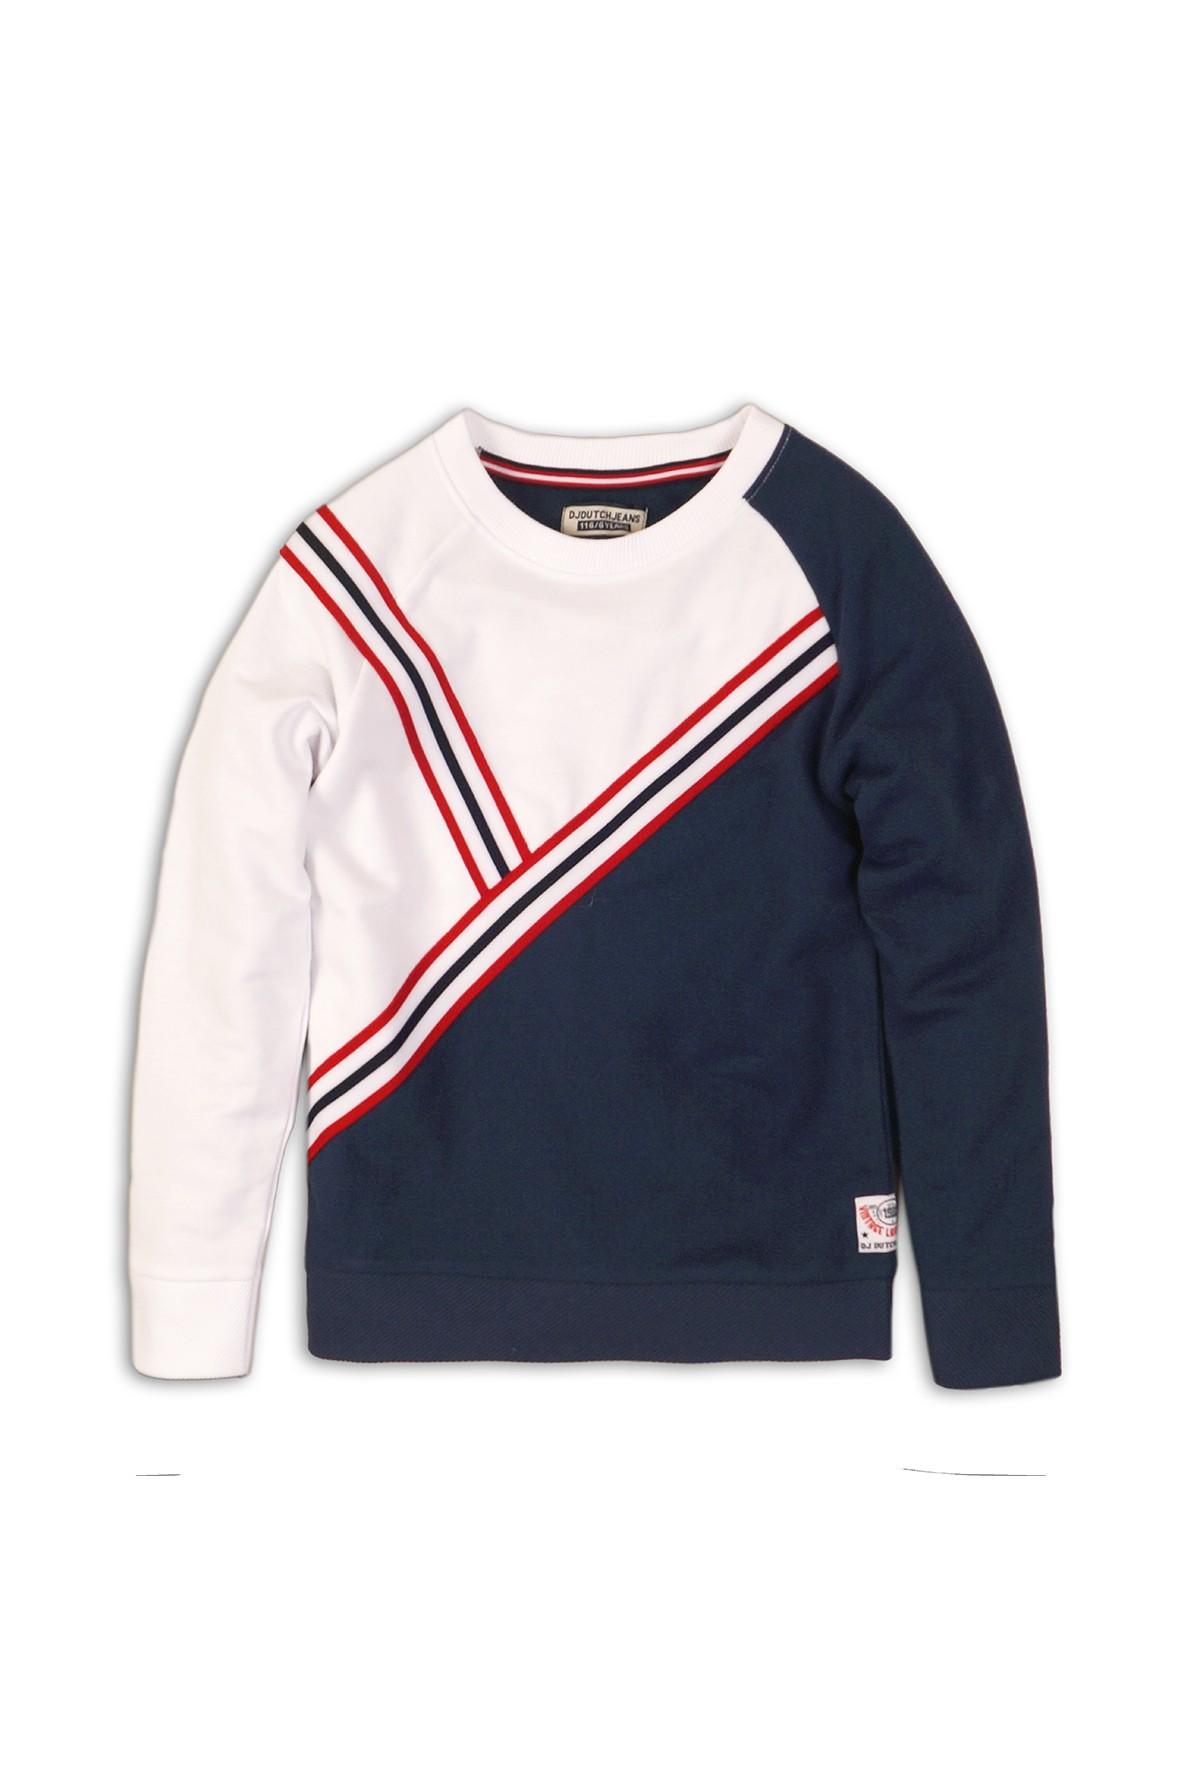 Bluza dresowa nierozpinana granatowo-biała